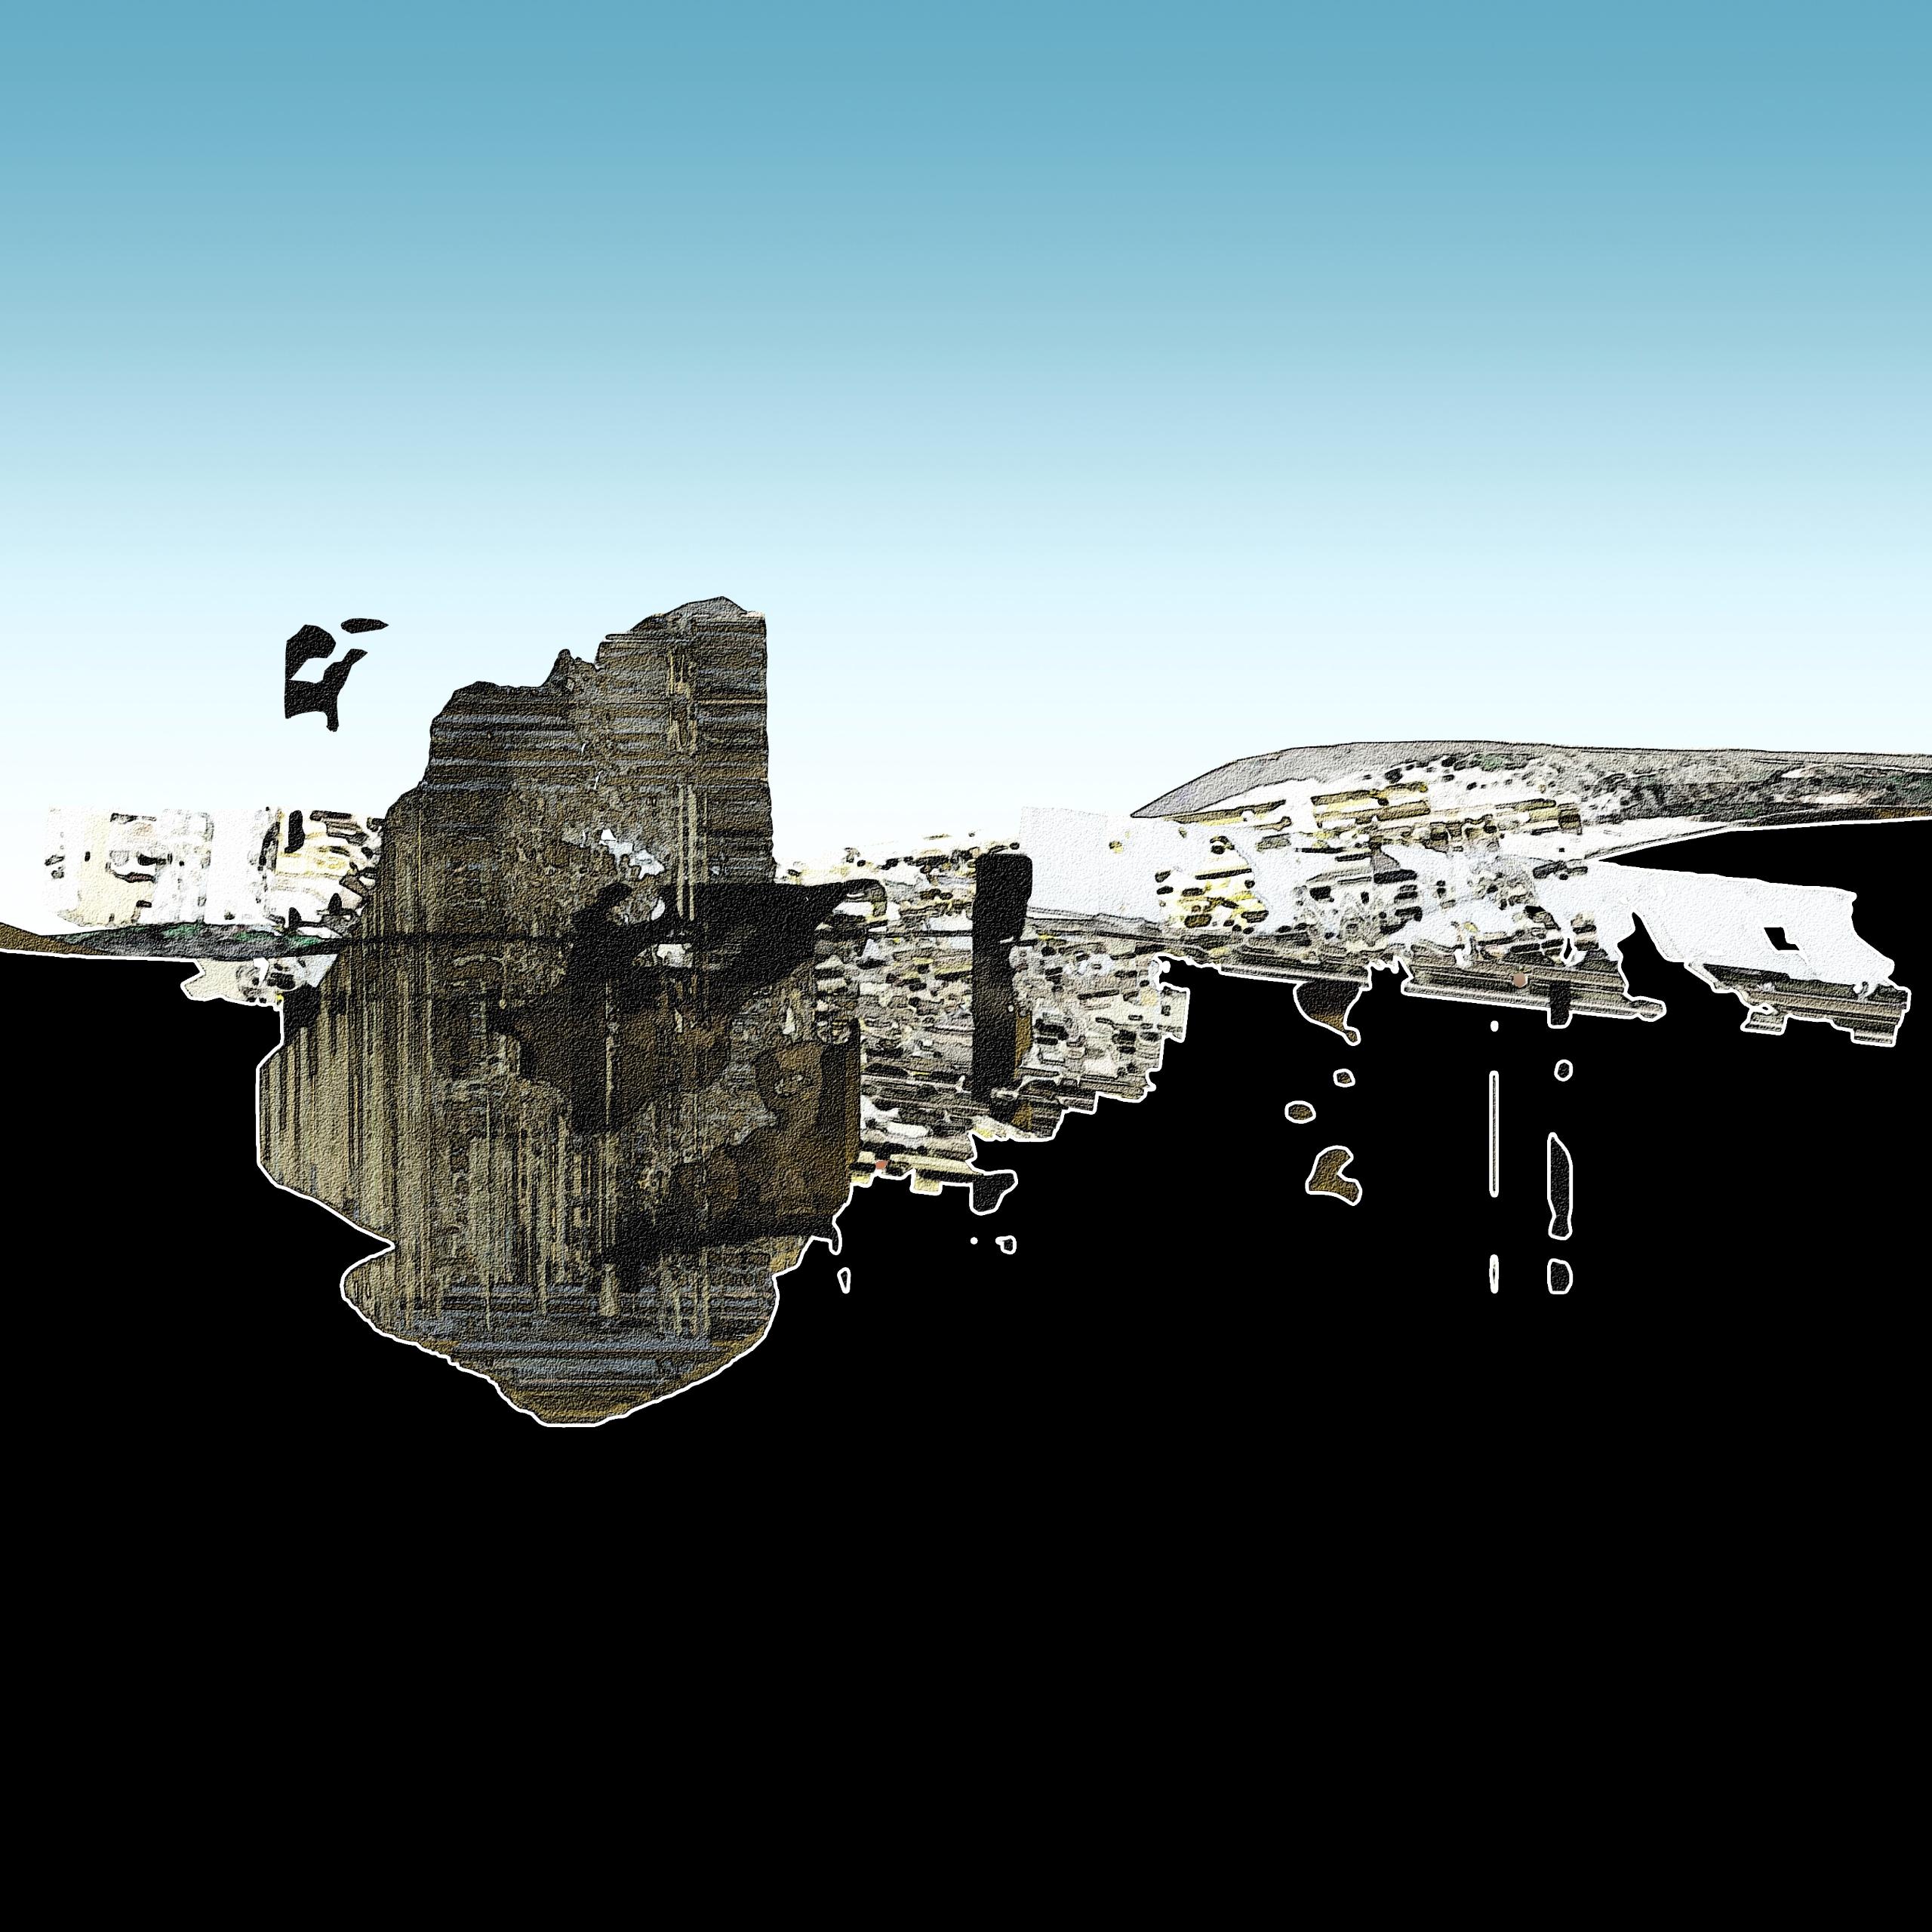 fantasticobject, landscape, realfake - tricia_renay | ello